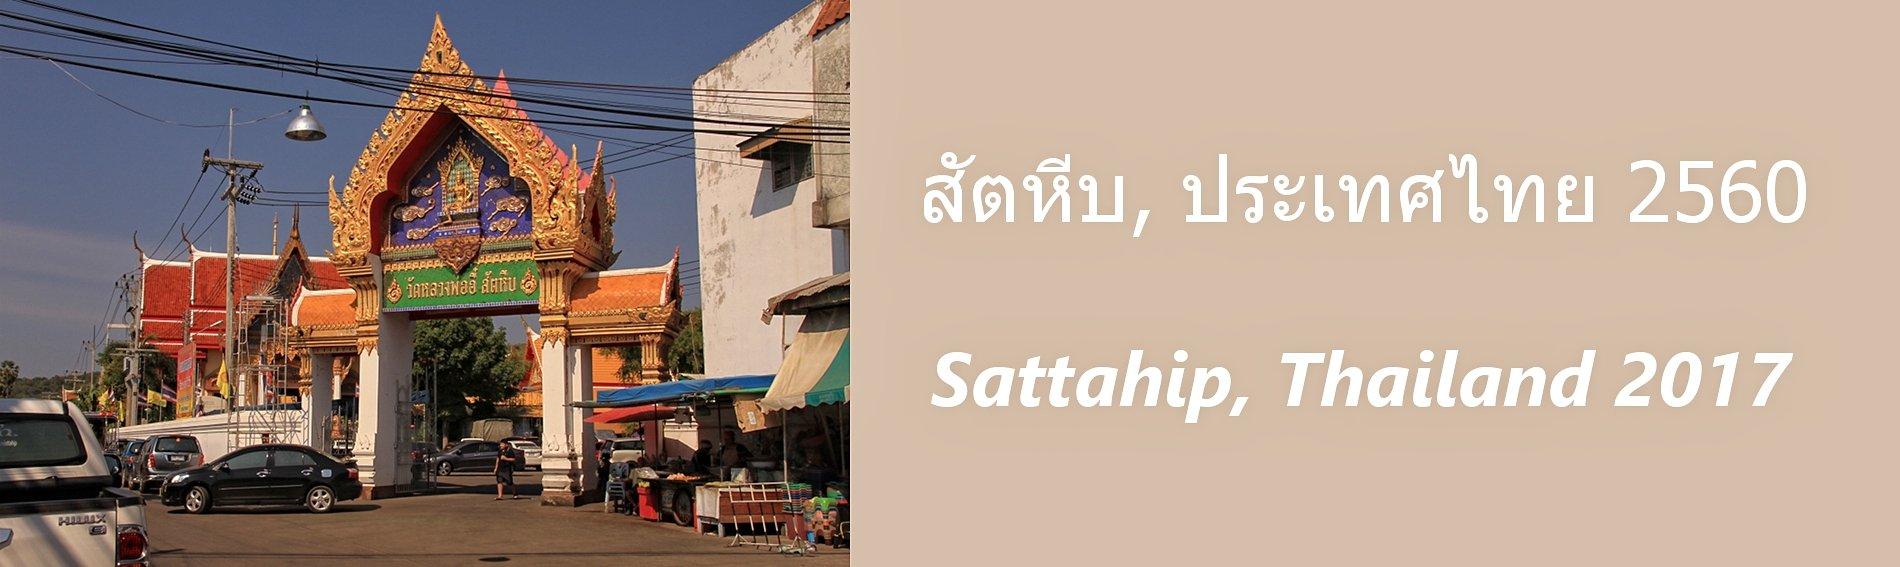 Sattahip 2017